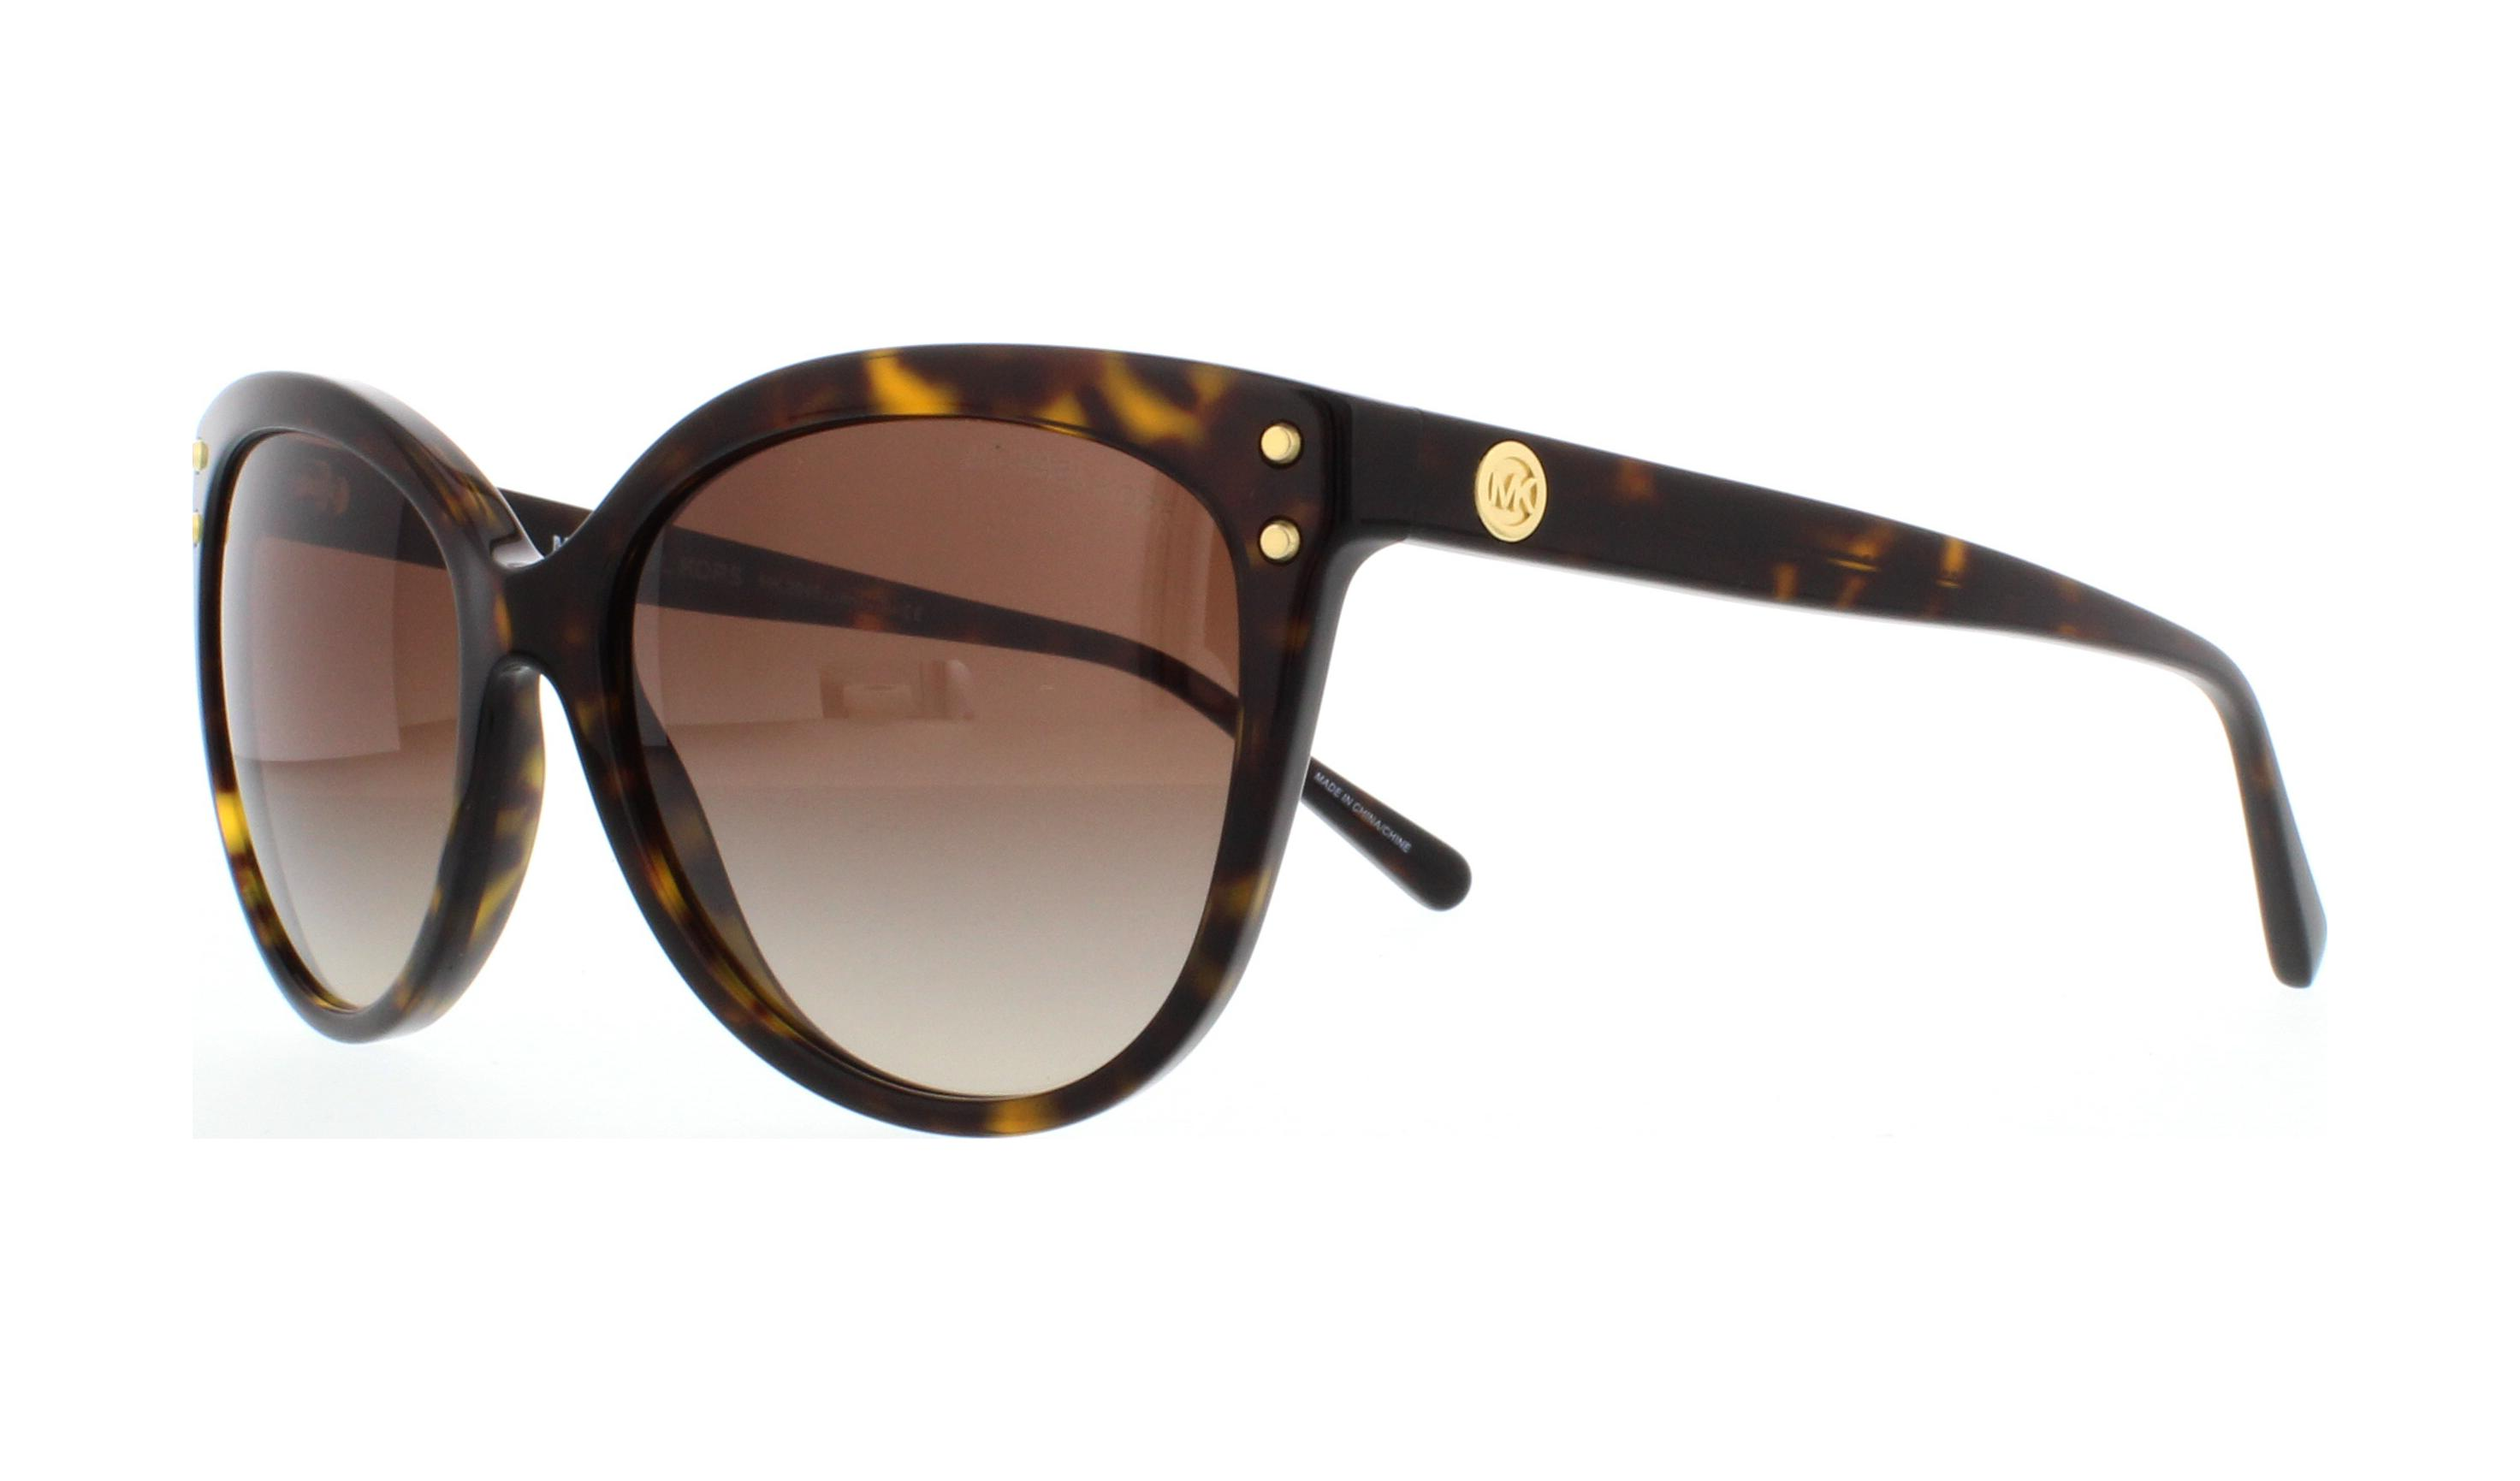 Michael Kors Jan Sonnenbrille Black 317711 55mm eyGGv3o